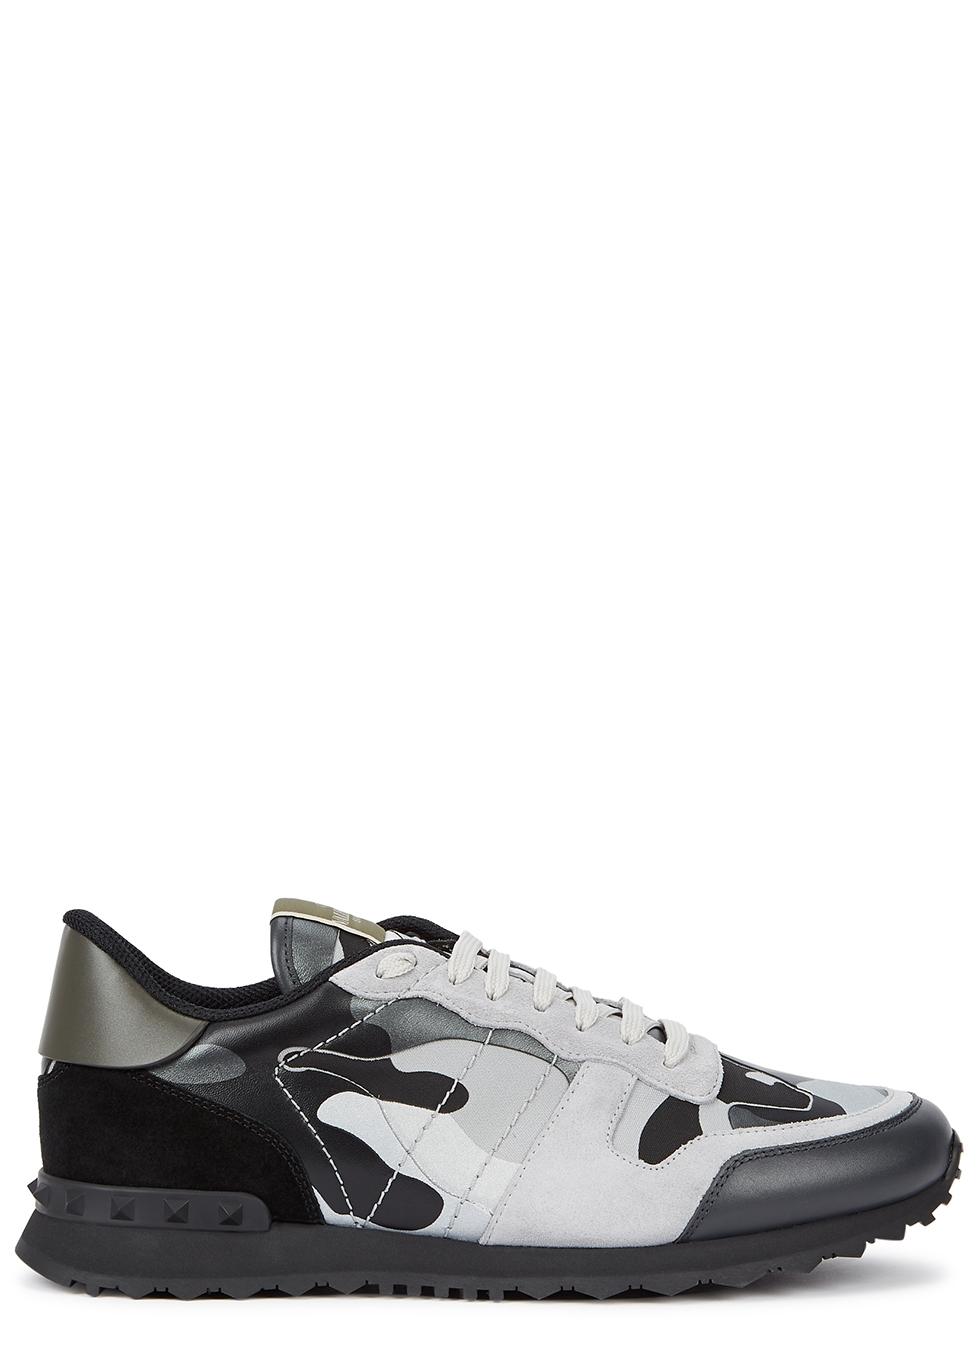 Low-Top Trainers \u0026 Sneakers